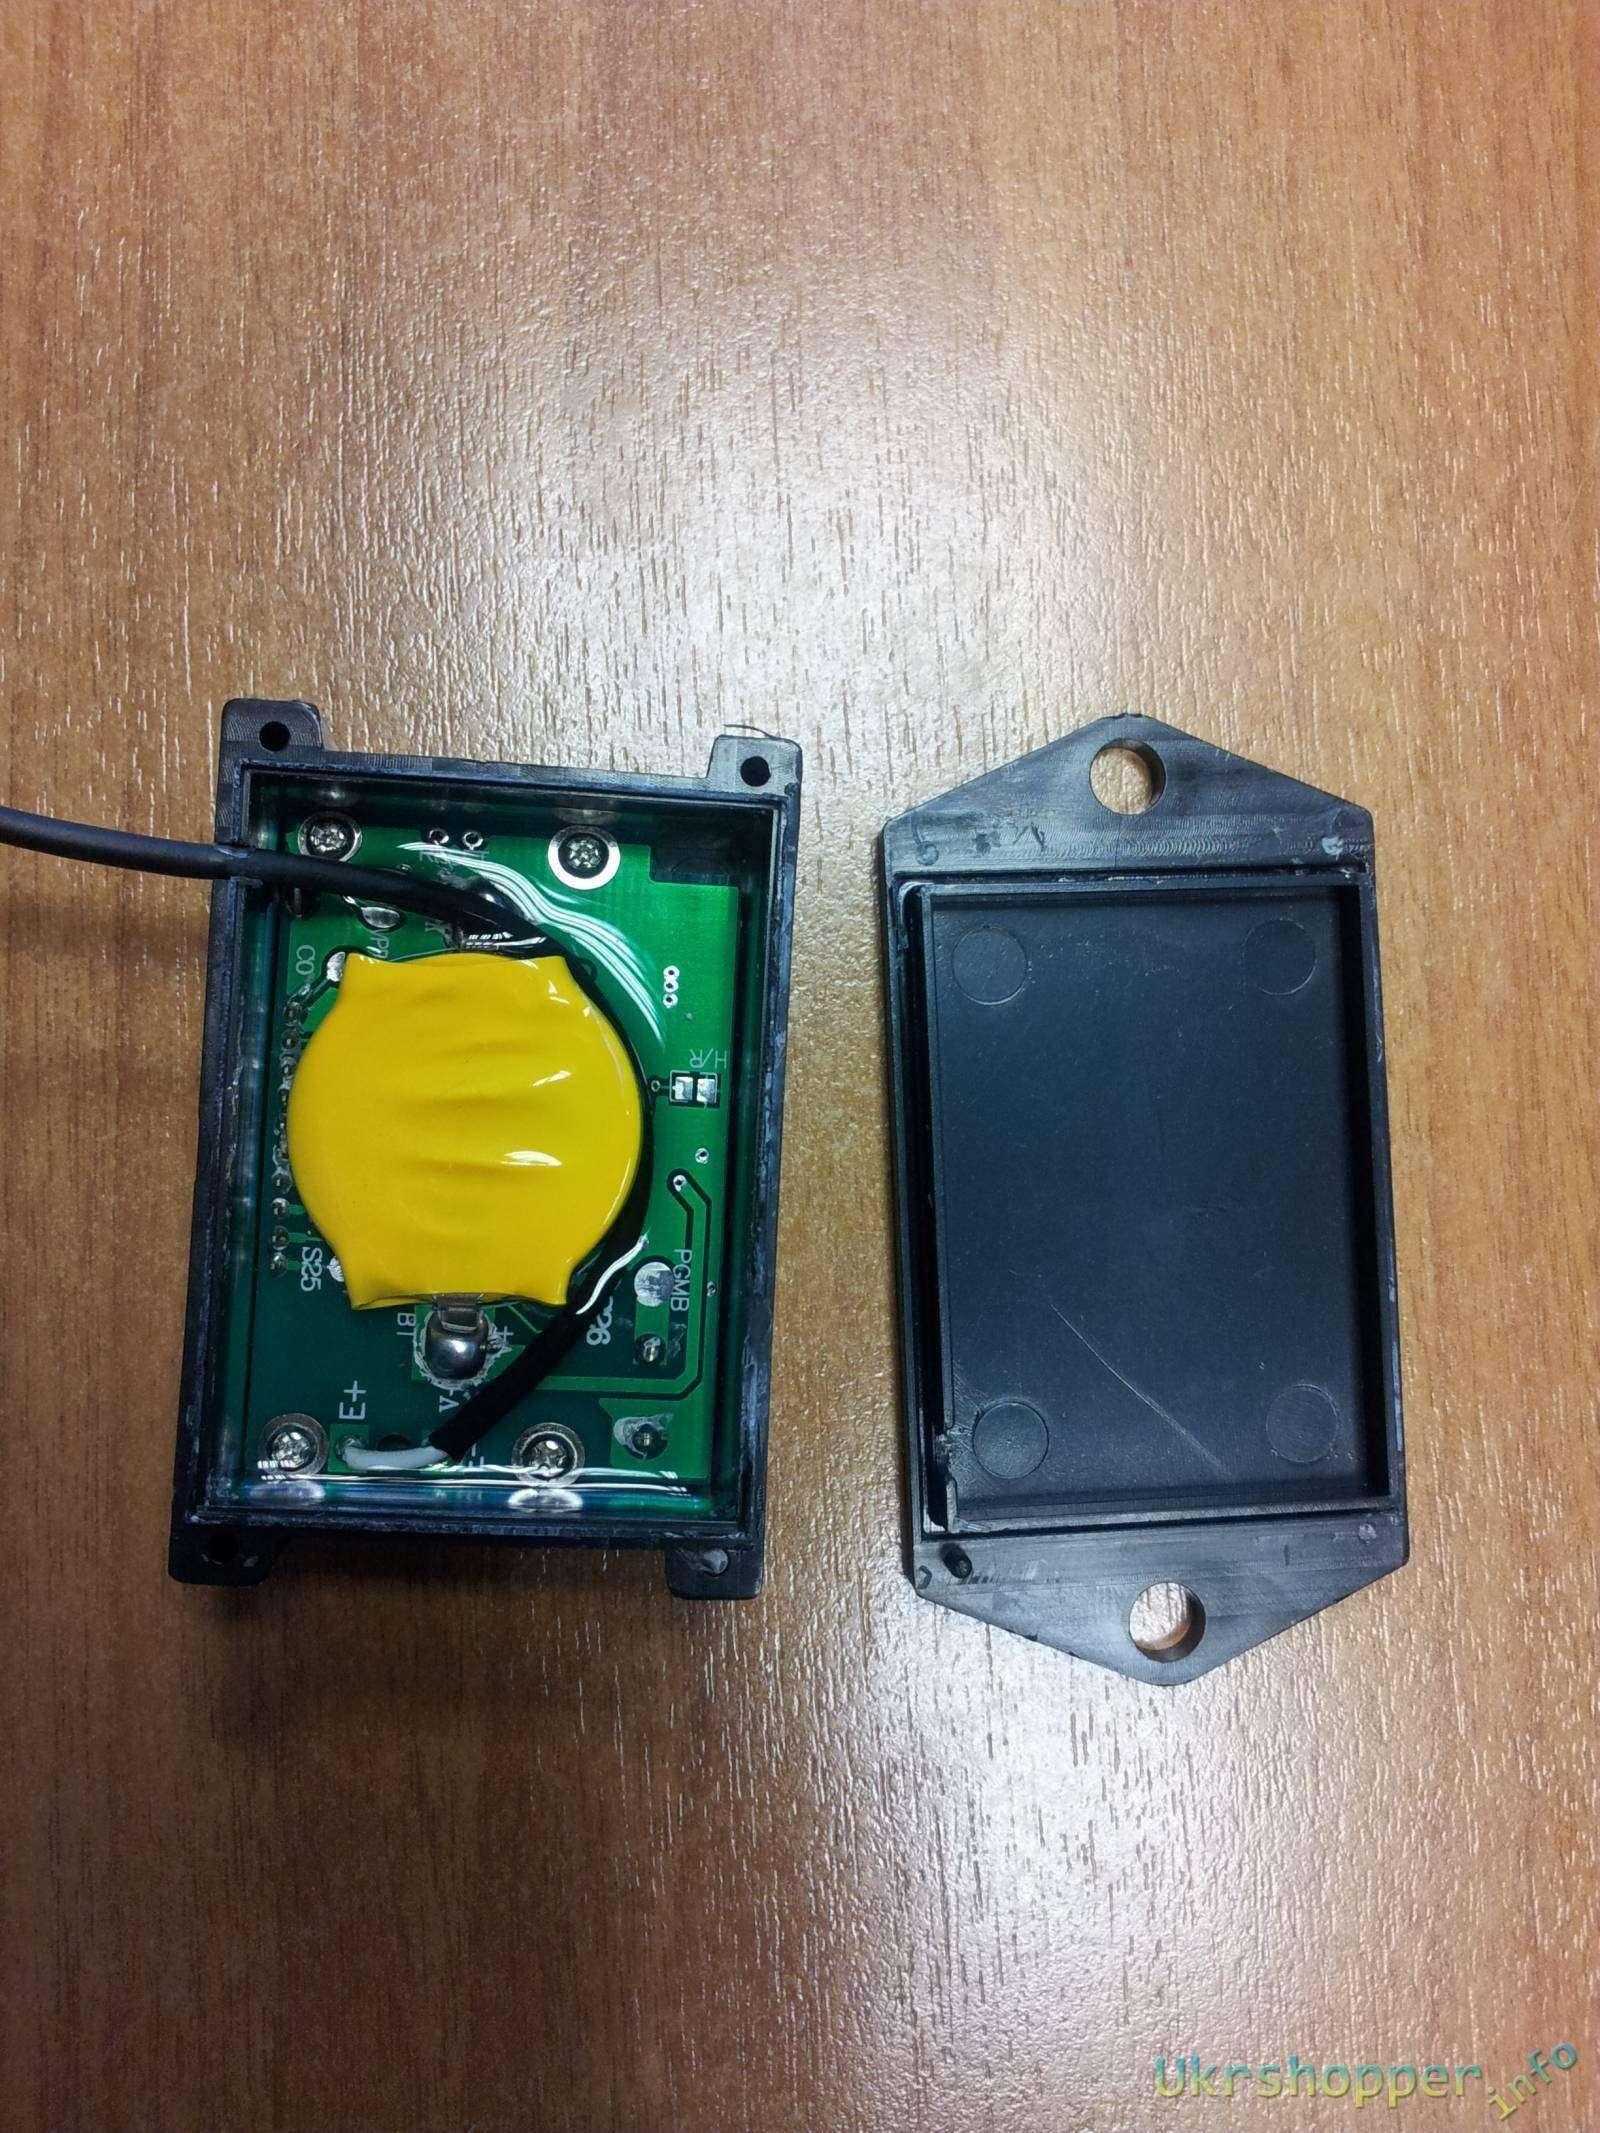 Aliexpress: Выносной бесконтактный индуктивный цифровой тахометр с функциями счетчиков моточасов ТС-011М RL-HM026